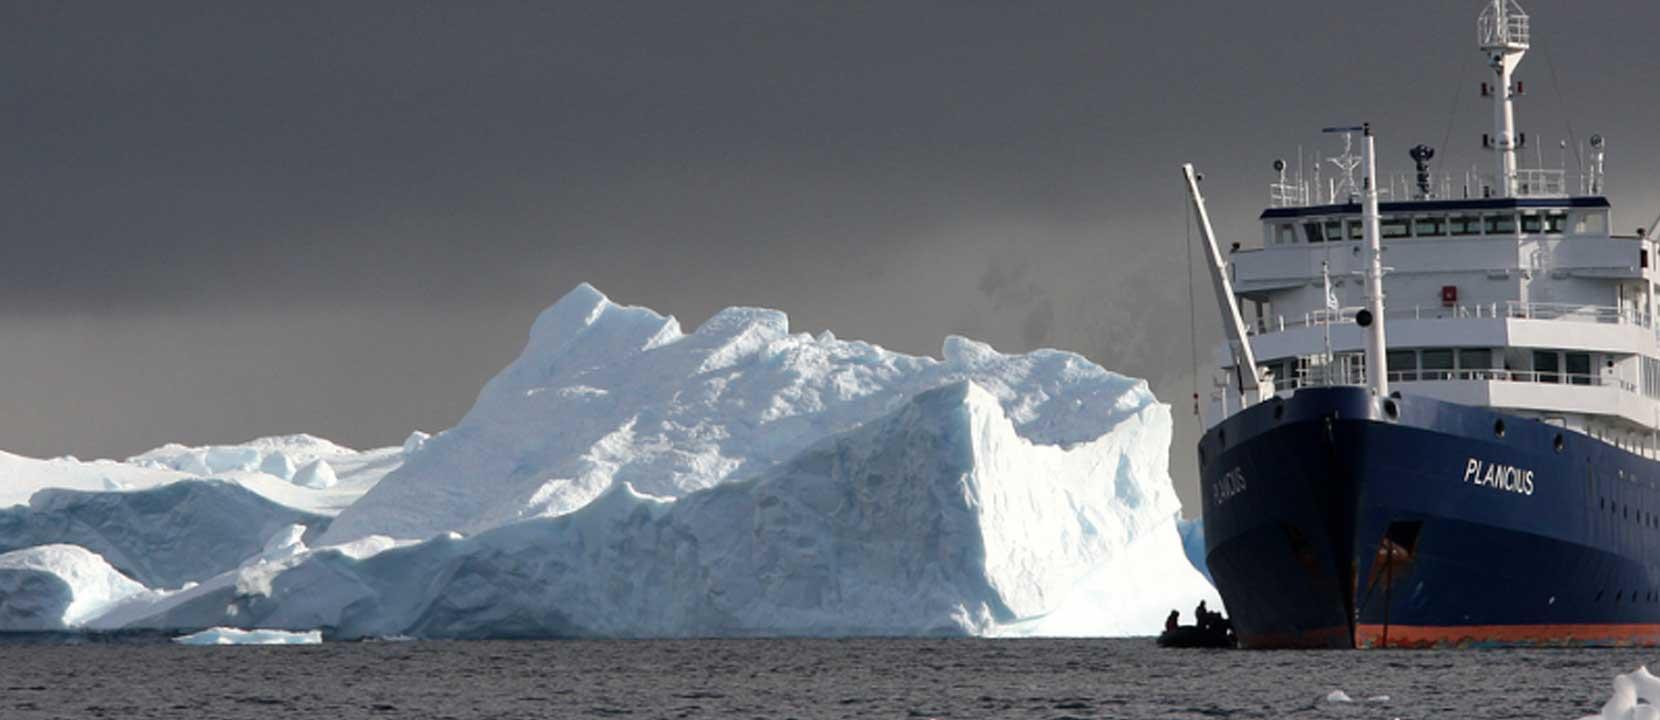 20 Days Falkland Islands - South Georgia - Antarctic Peninsula